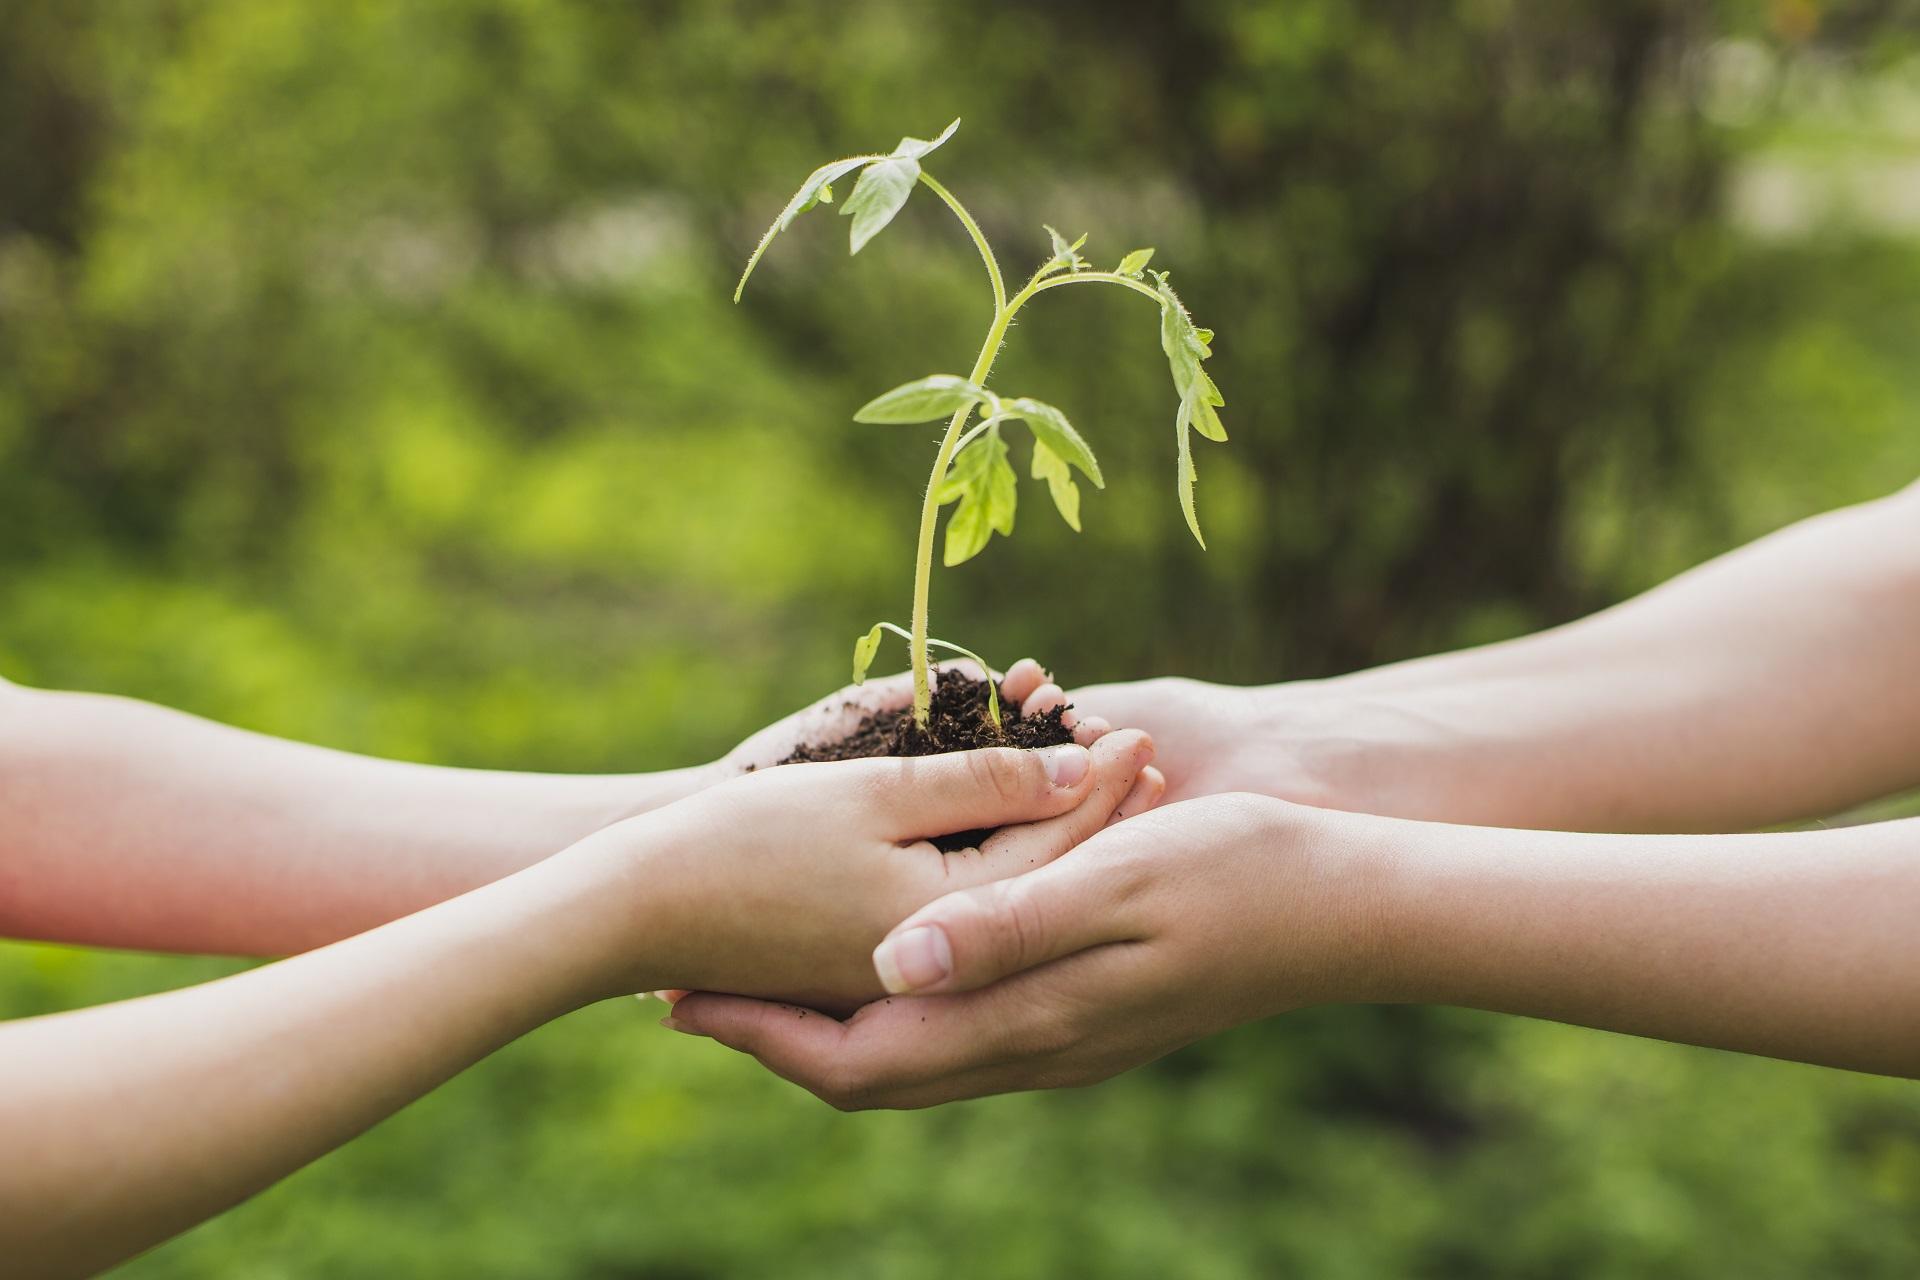 Mãos segurando uma muda de árvore